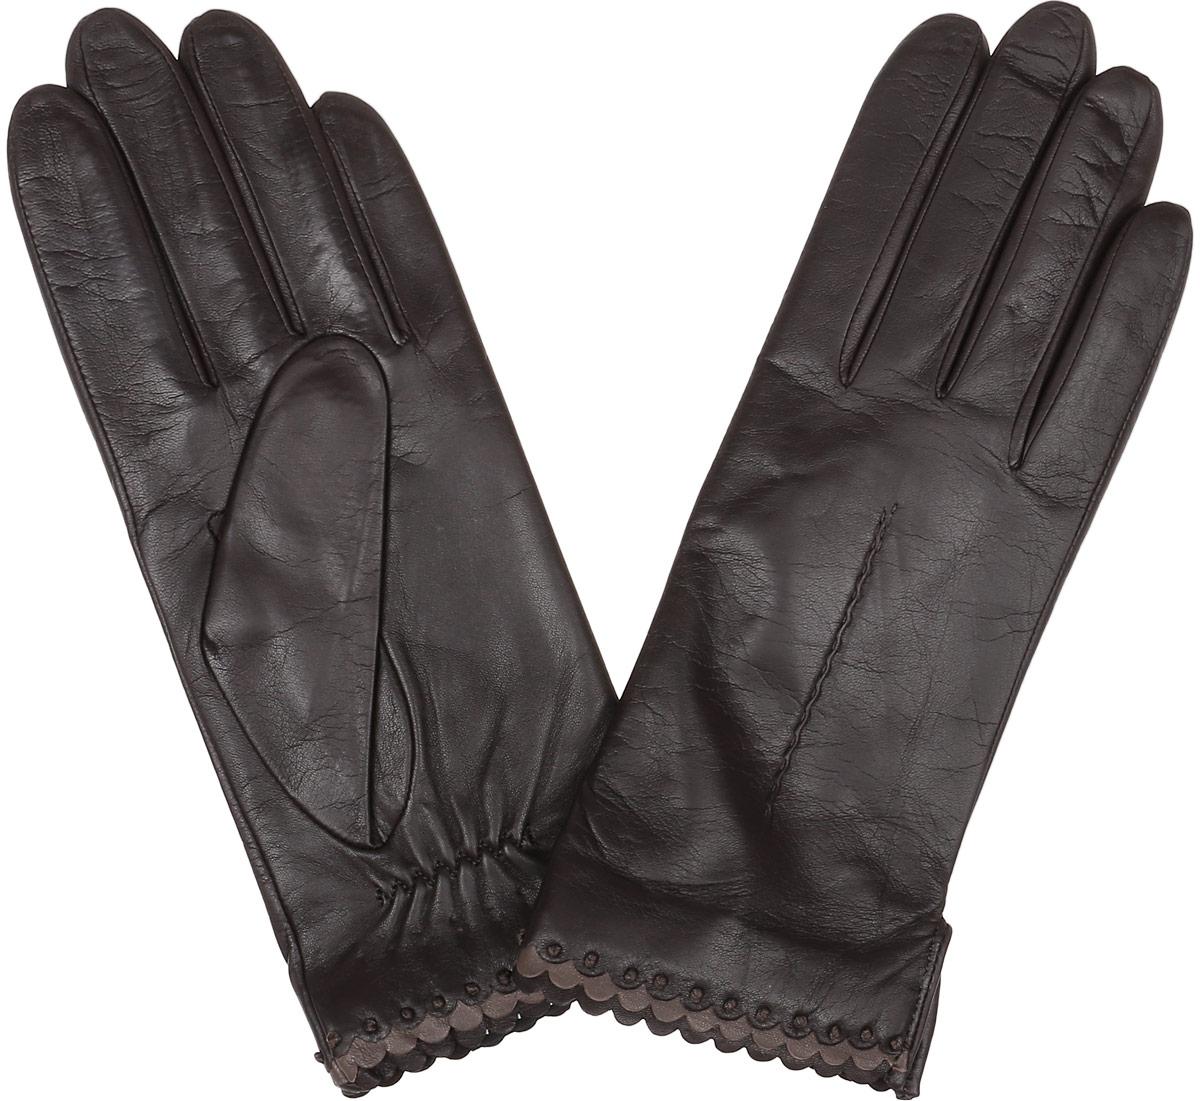 Перчатки женские Fabretti, цвет: шоколадный. 2.80-2. Размер 7,52.80-2 chocolateСтильные женские перчатки Fabretti не только защитят ваши руки, но и станут великолепным украшением. Перчатки выполнены из натуральной кожи ягненка, а их подкладка - из высококачественной шерсти с добавлением кашемира.Модель оформлена оригинальной каймой и строчками-стежками на запястье.Стильный аксессуар для повседневного образа.